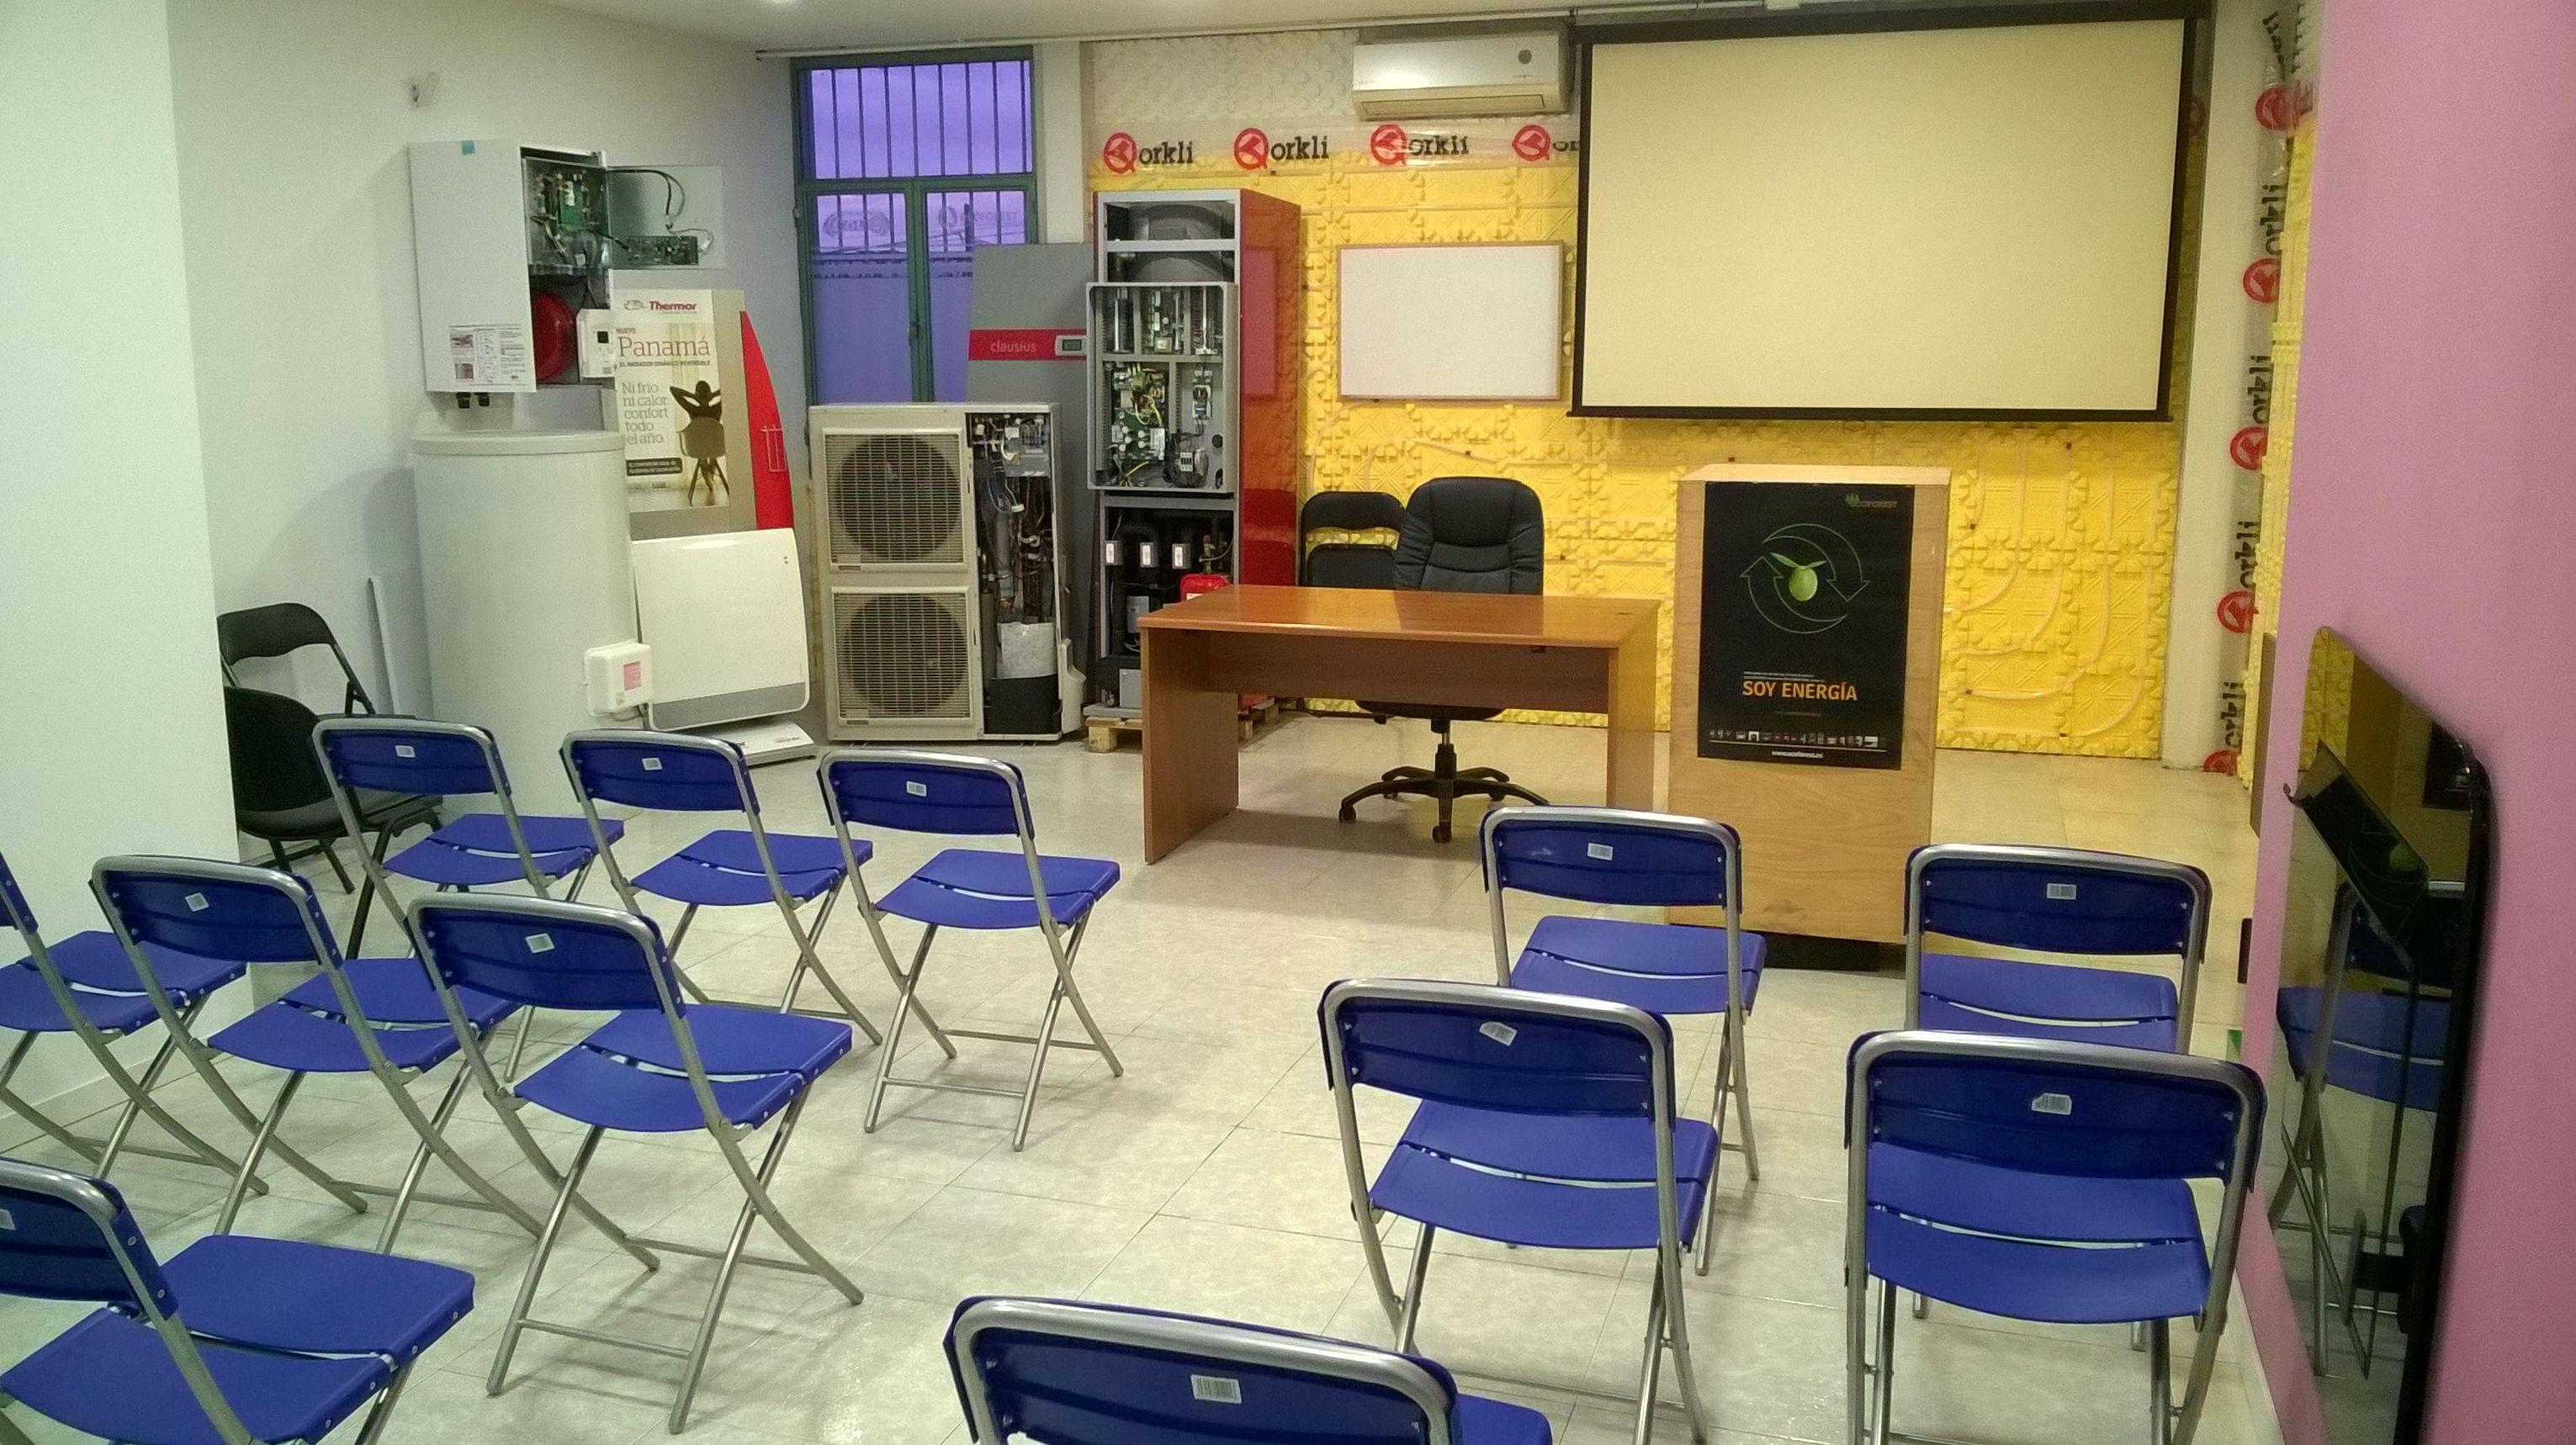 Preparativo para jornada de formacion en nuestras instalaciones para arquitectos y tecnicos.